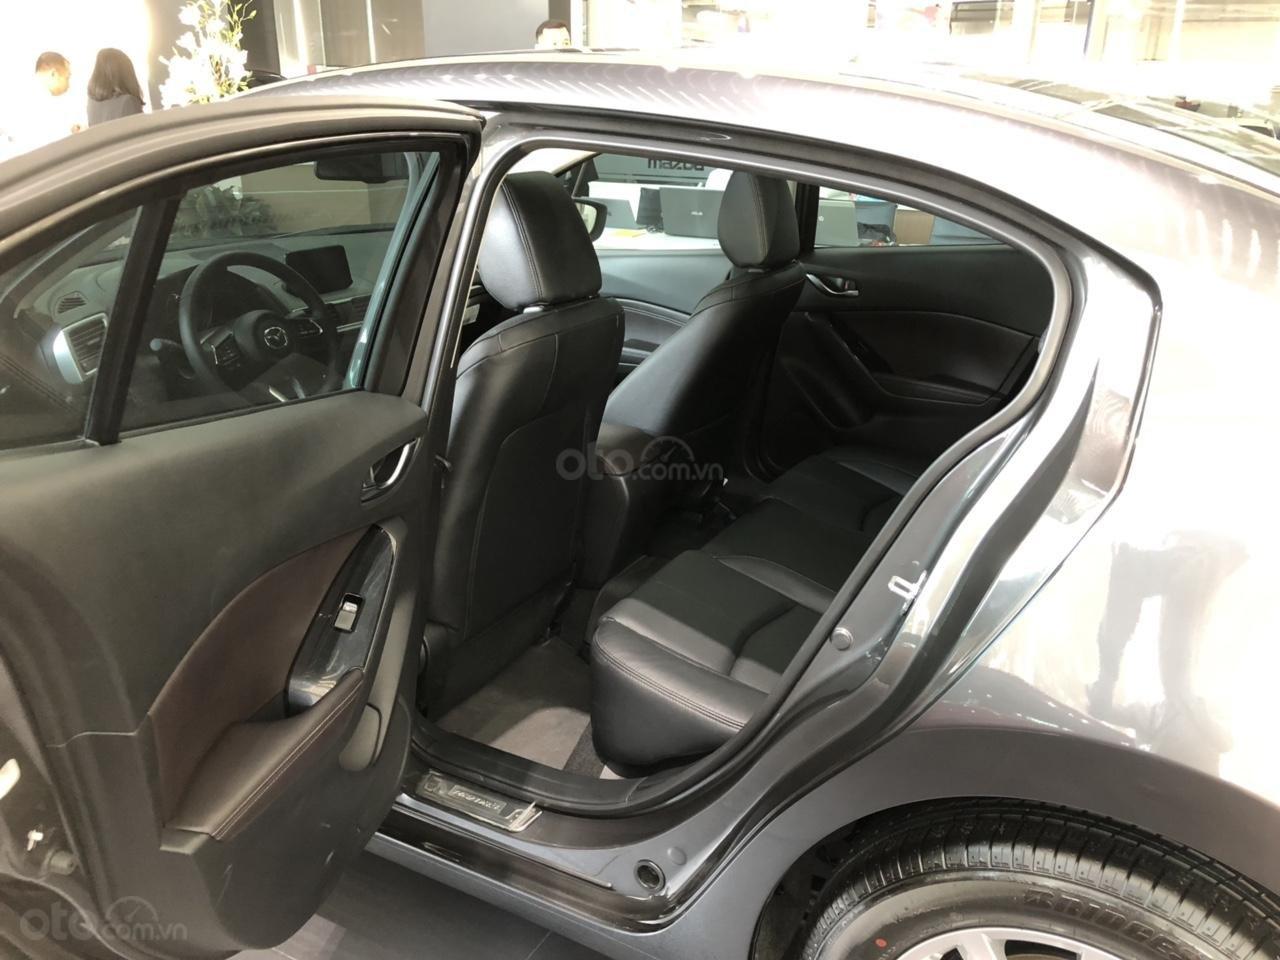 Bán Mazda 3 tại CN Bình Triệu - Khai trương ưu đãi khủng, ưu đãi shock khi mua xe (10)